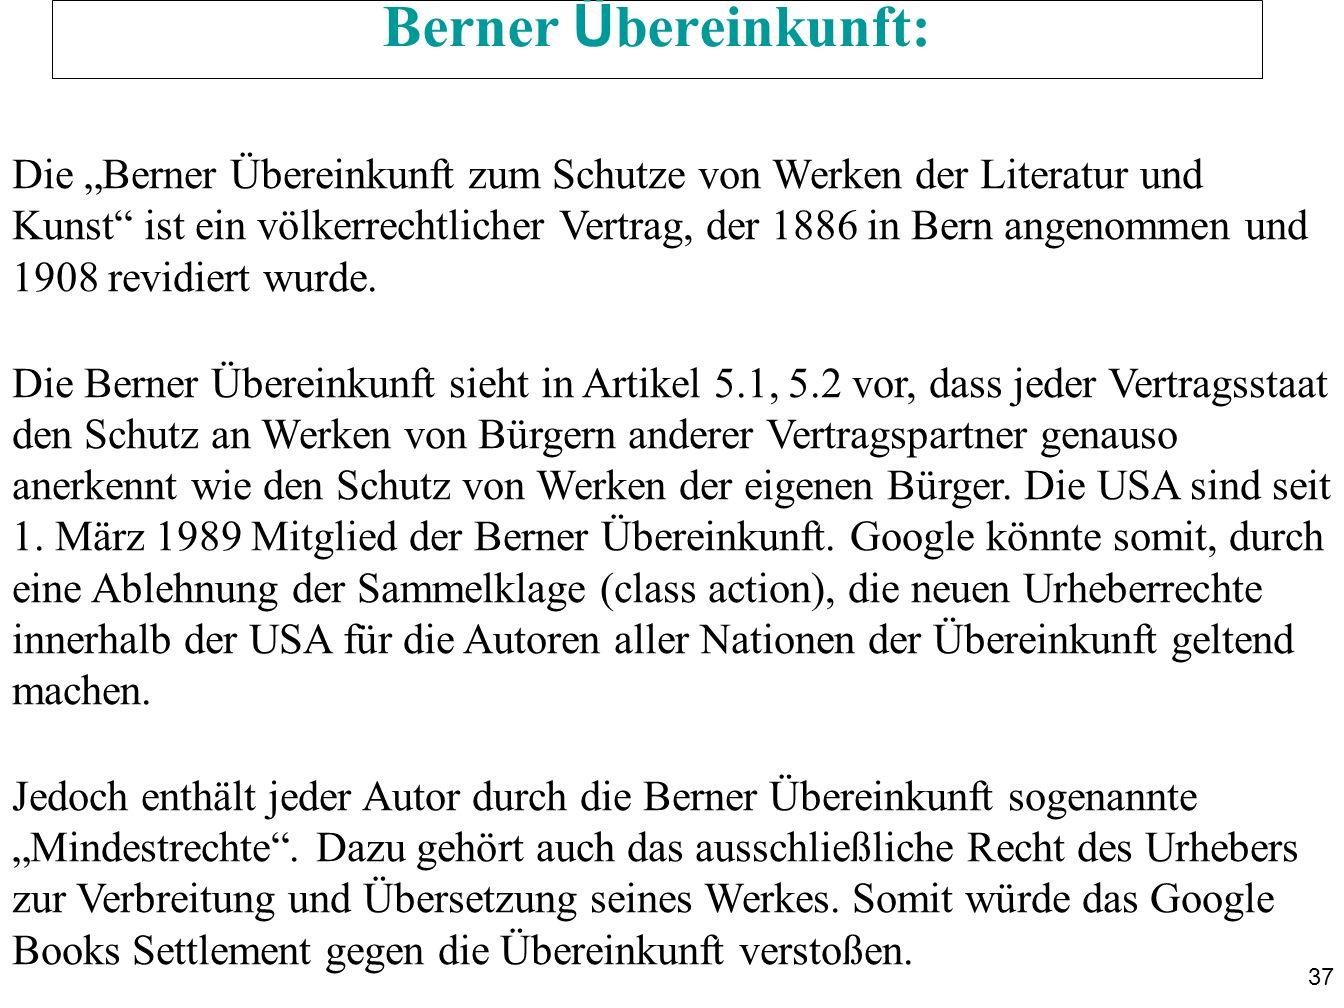 Berner Übereinkunft: